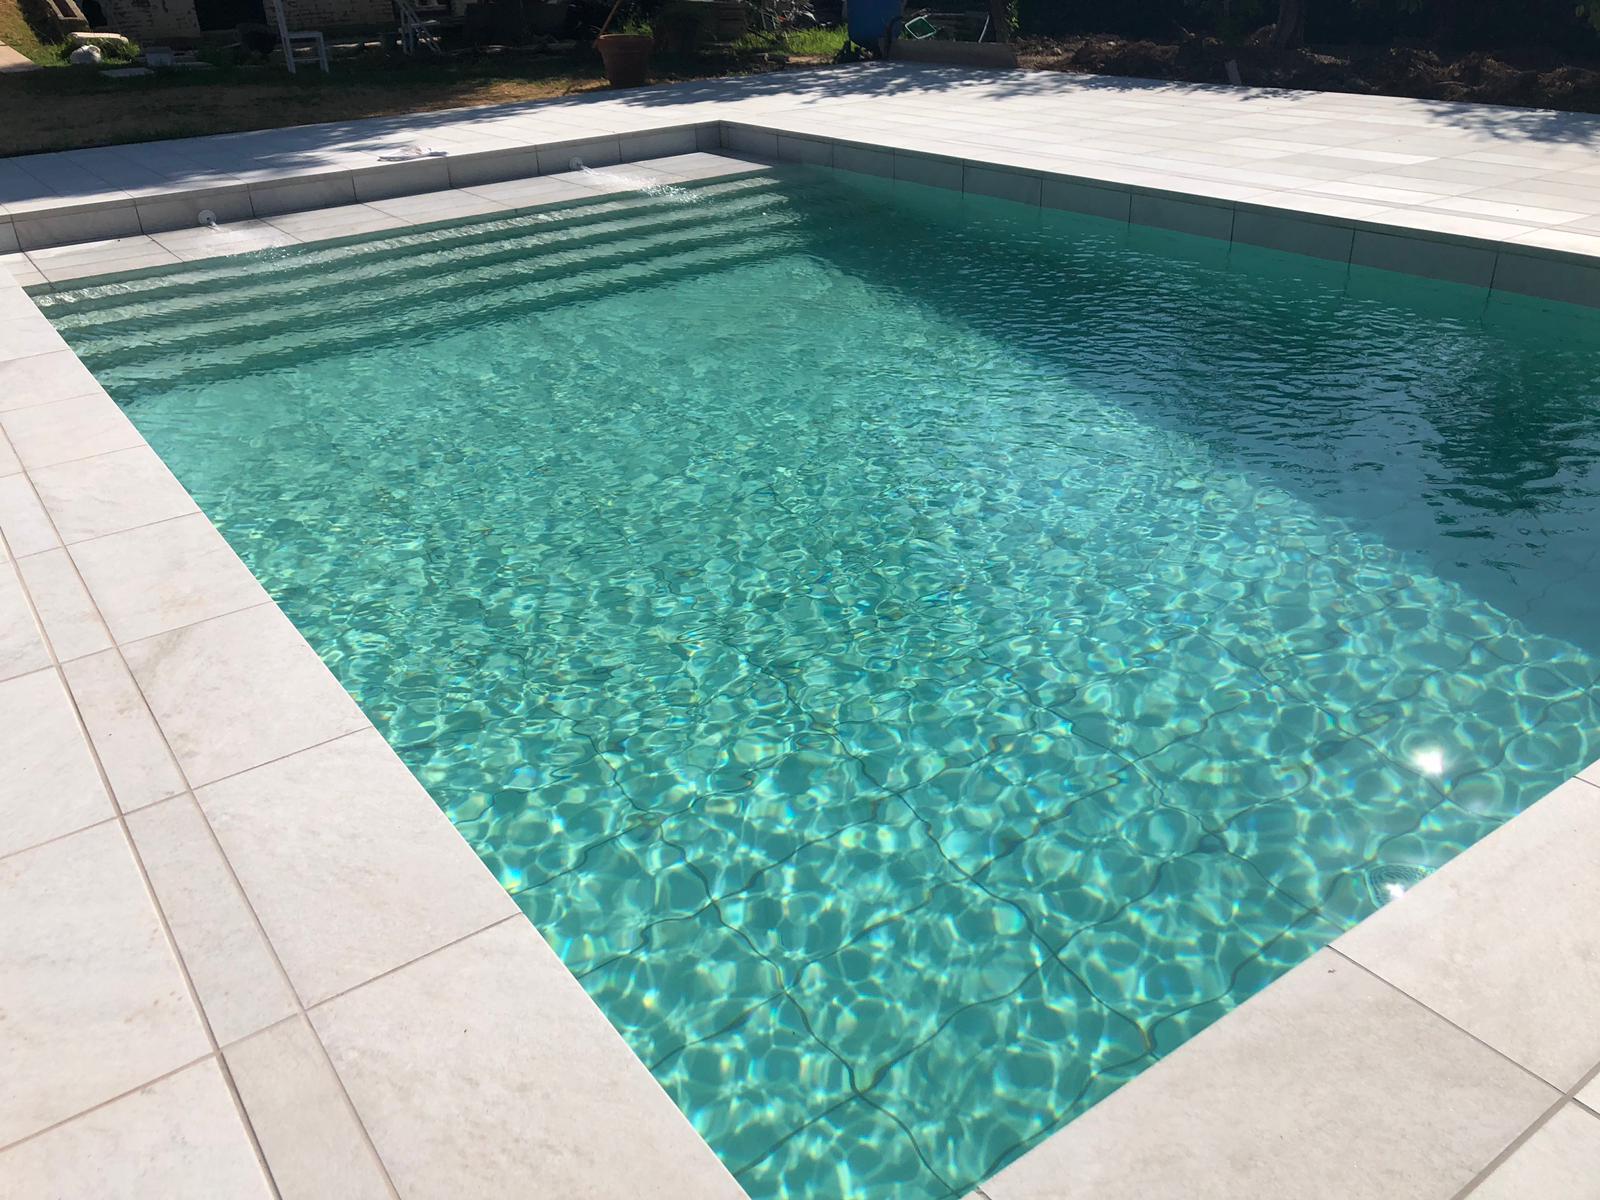 piscina con agua verdosa